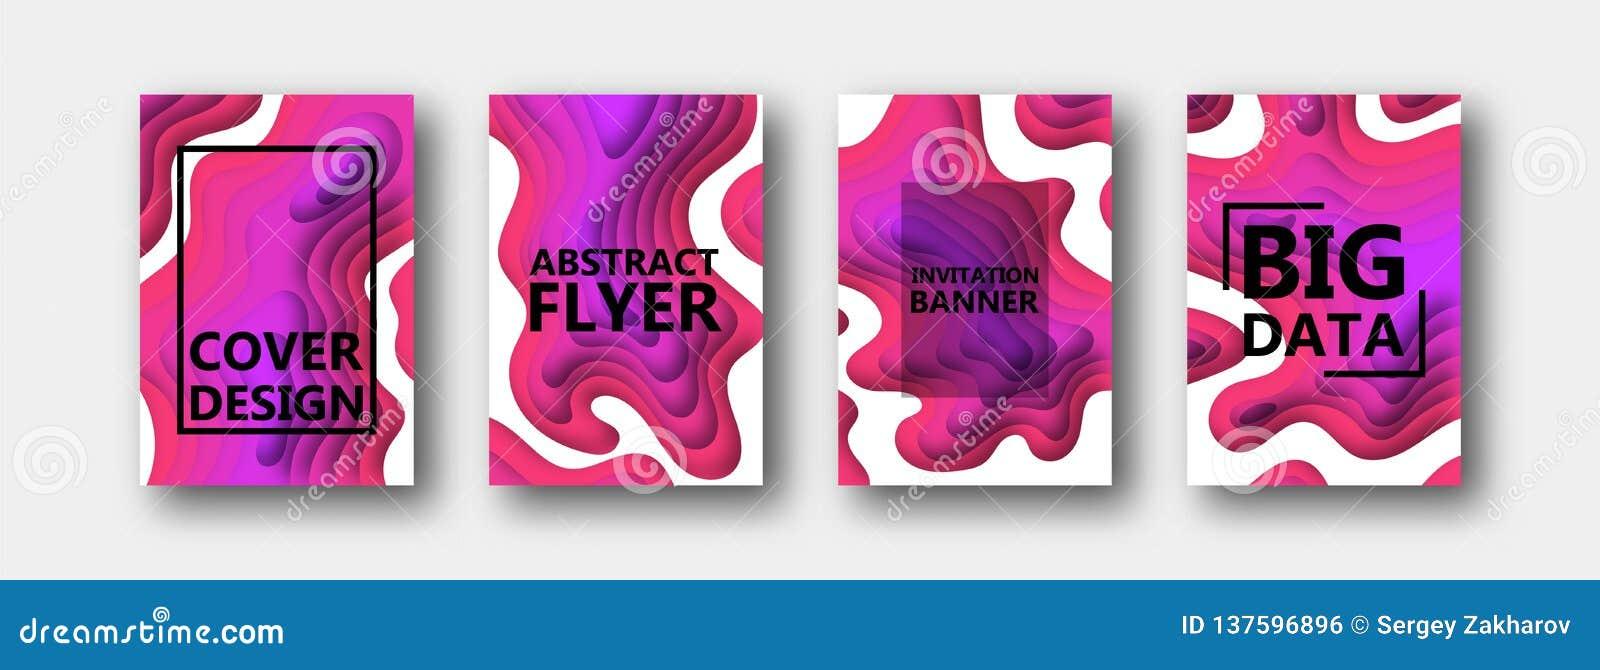 Ein Satz von vier Wahlen für Fahnen, Flieger, Broschüren, Karten, Plakate für Ihren Entwurf, in Rotem, purpurrot, Rosa, lila Töne